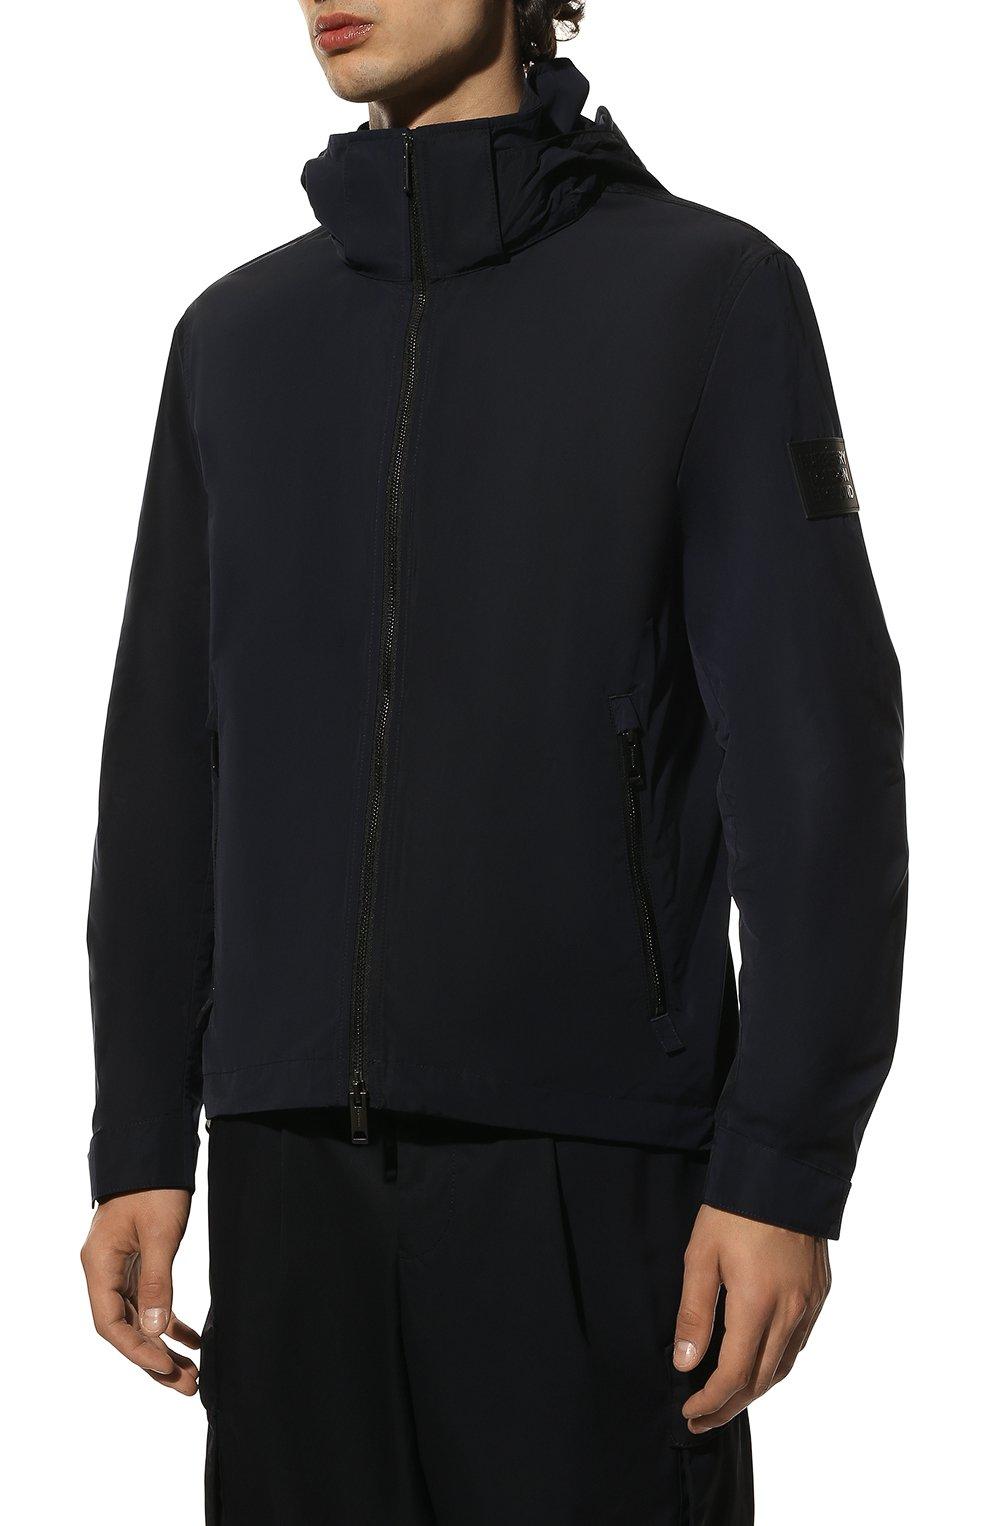 Мужская утепленная куртка BURBERRY синего цвета, арт. 8014364 | Фото 3 (Кросс-КТ: Куртка; Рукава: Длинные; Материал внешний: Синтетический материал; Мужское Кросс-КТ: утепленные куртки; Материал подклада: Синтетический материал; Длина (верхняя одежда): Короткие; Стили: Кэжуэл)